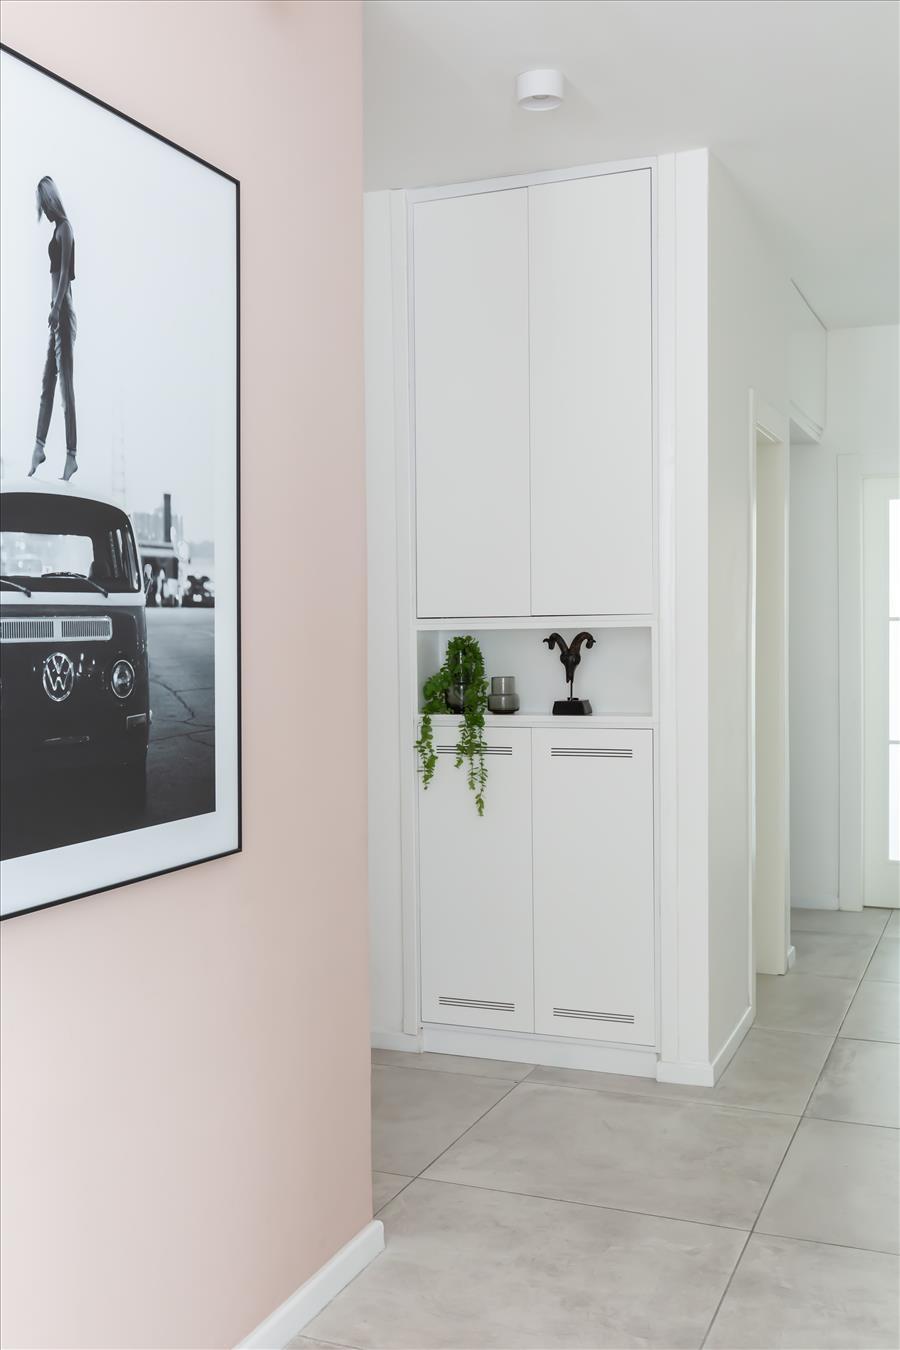 עיצוב שרון גולן | צילום הילה עידו